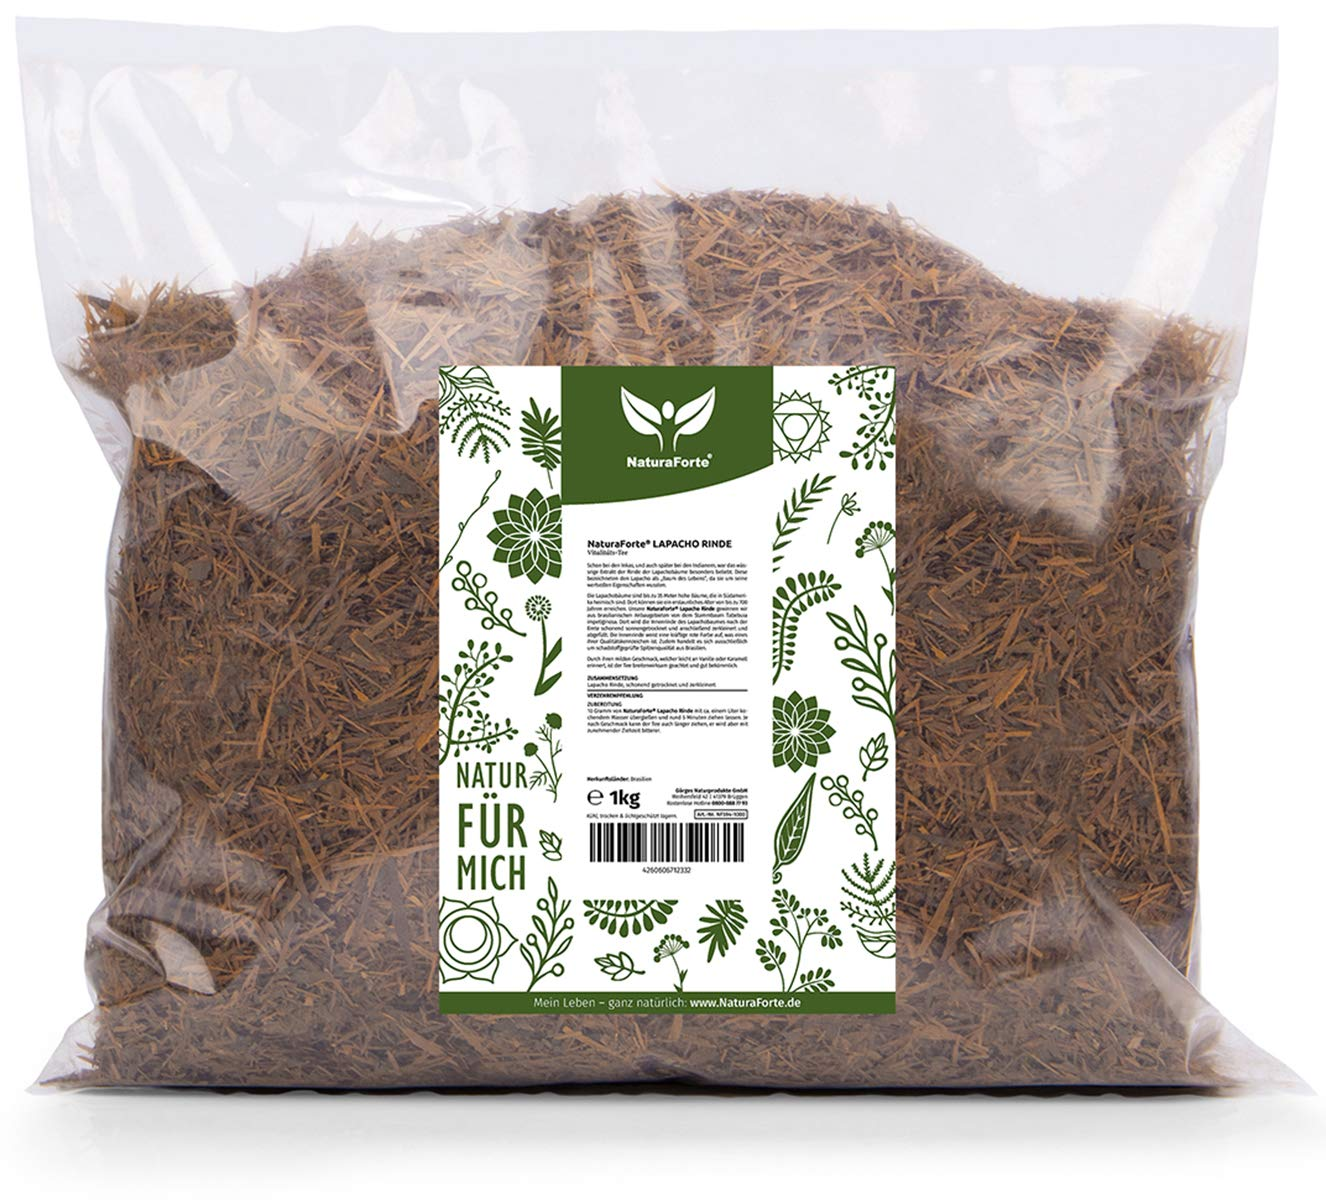 NaturaForte-Lapacho-Rinden-Tee-1kg-Baumrinden-Tee-Reine-innere-rote-Rinde-Premiumqualitt-aus-Brasilien-Angenehm-milder-Geschmack-Ganz-ohne-Zustze-aus-kontrolliertem-Anbau